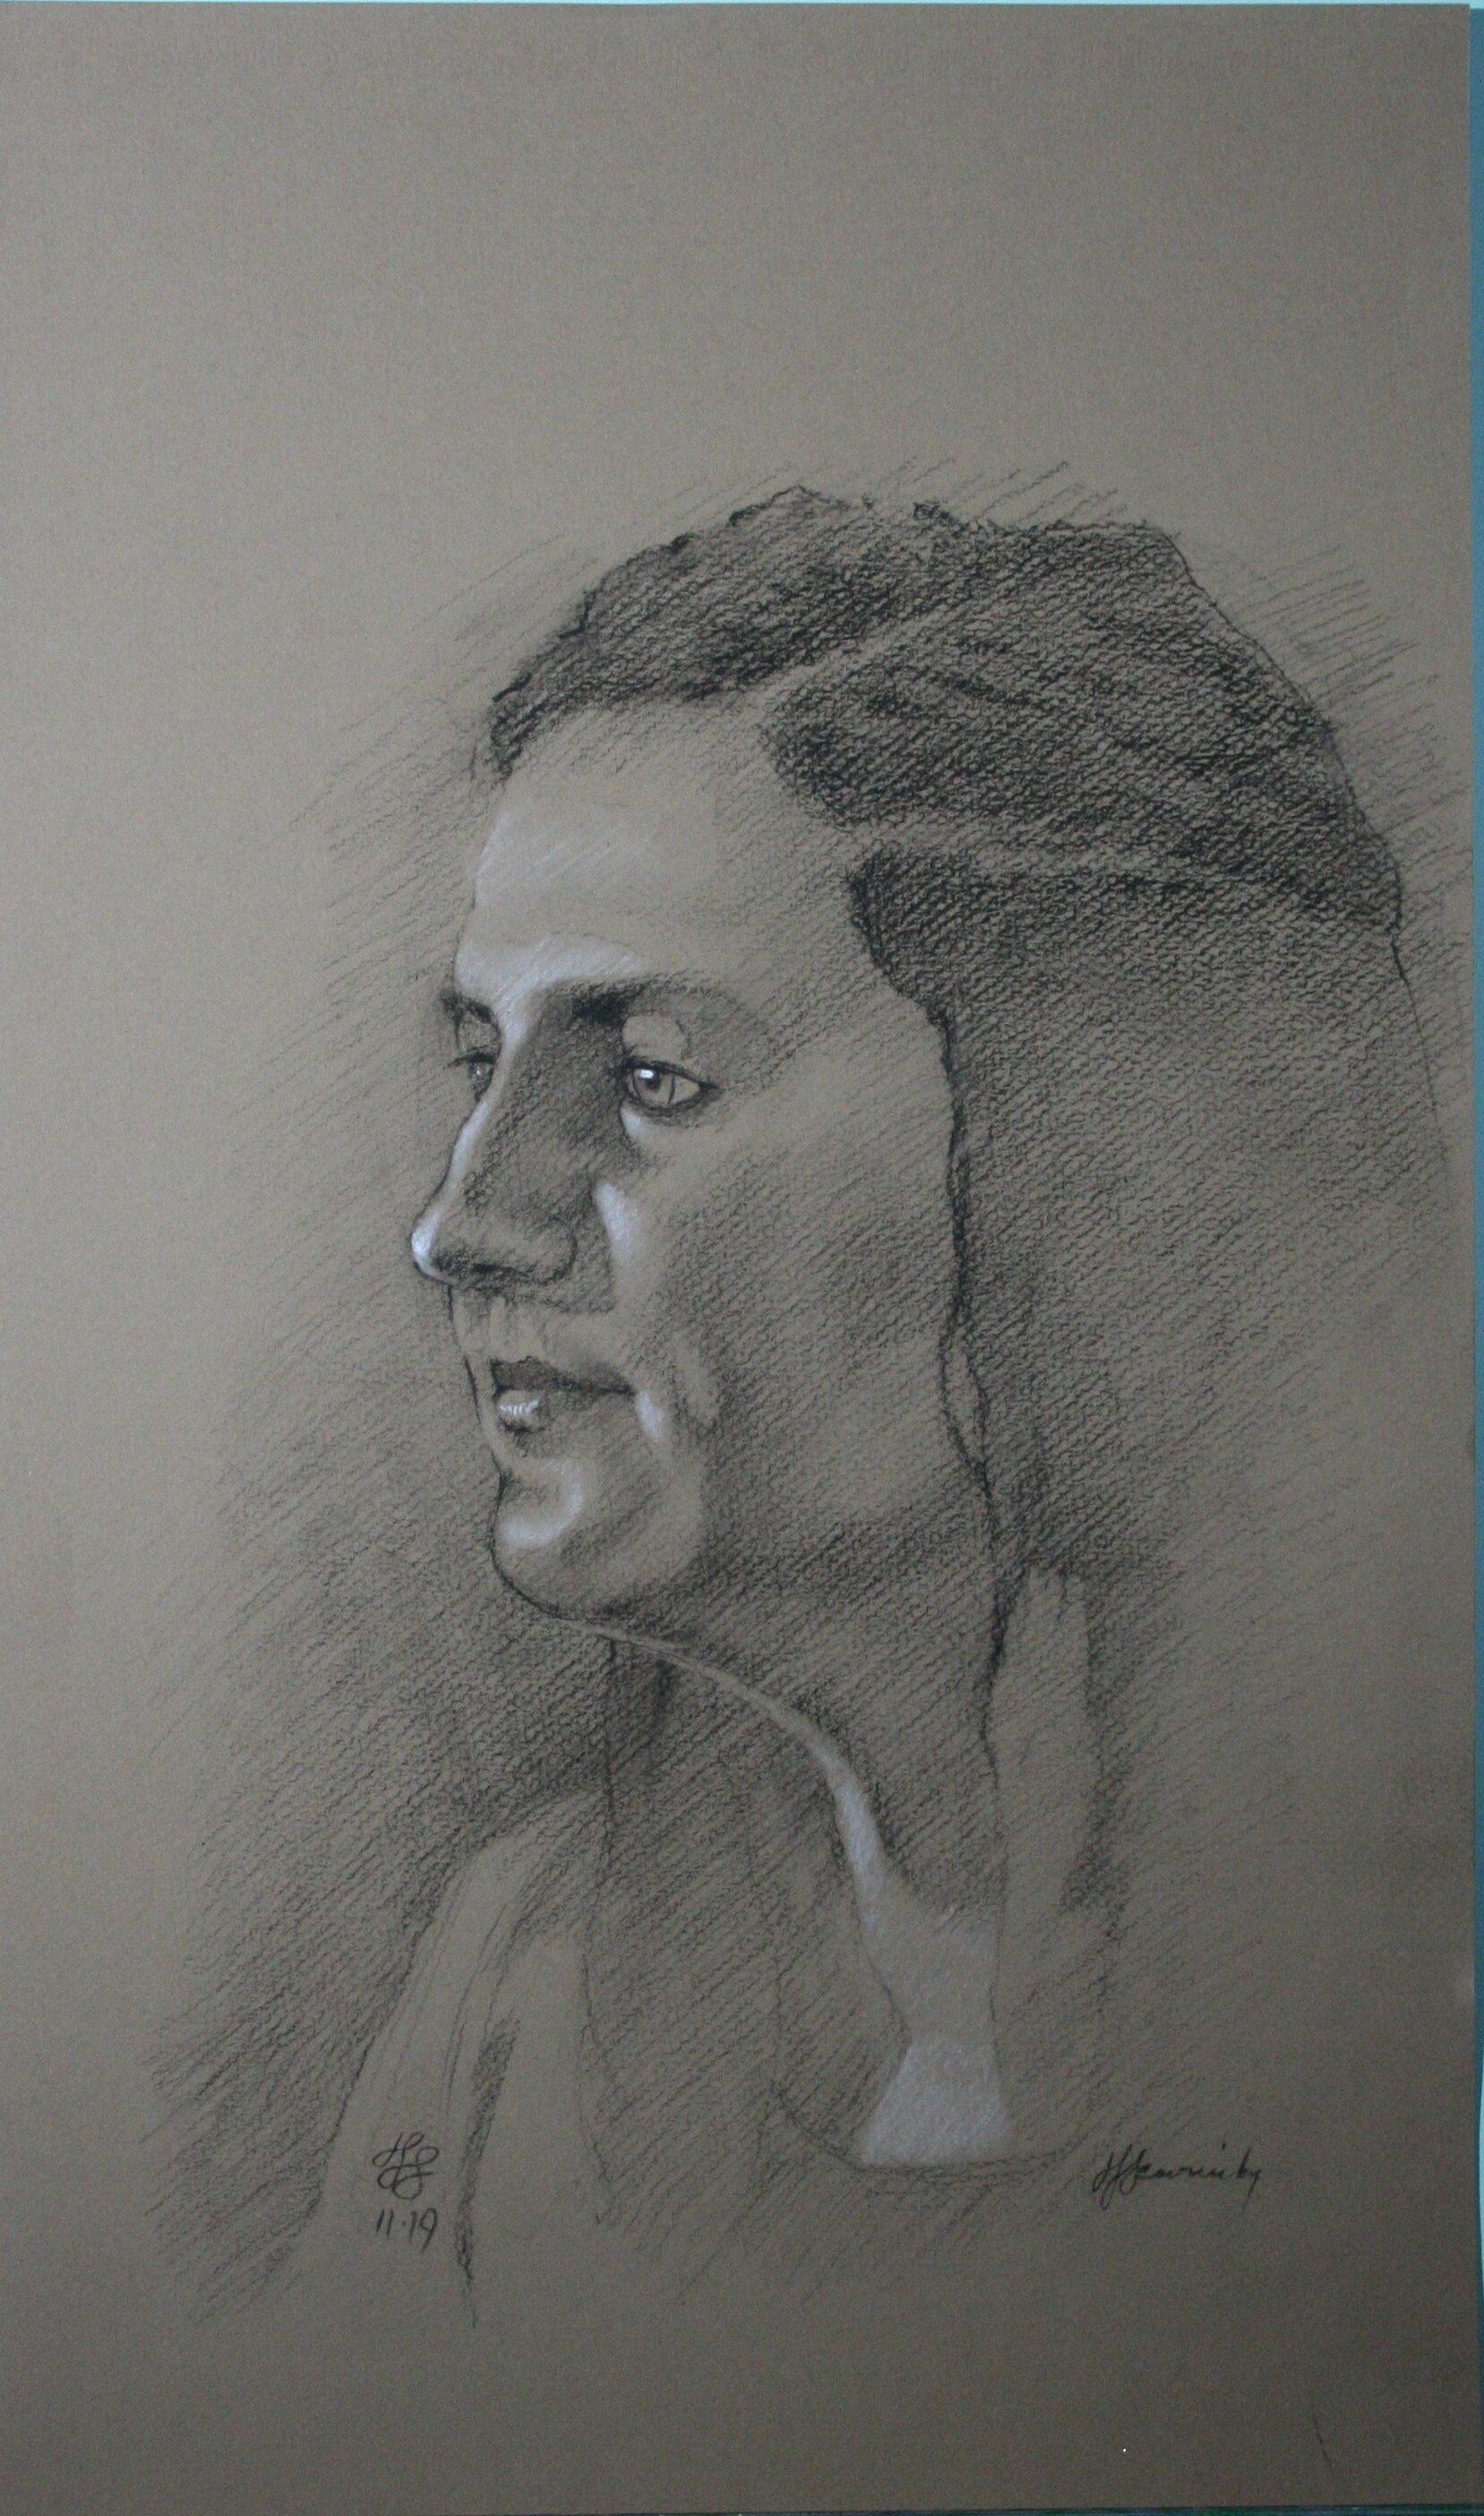 John Scavnicky - Pencils